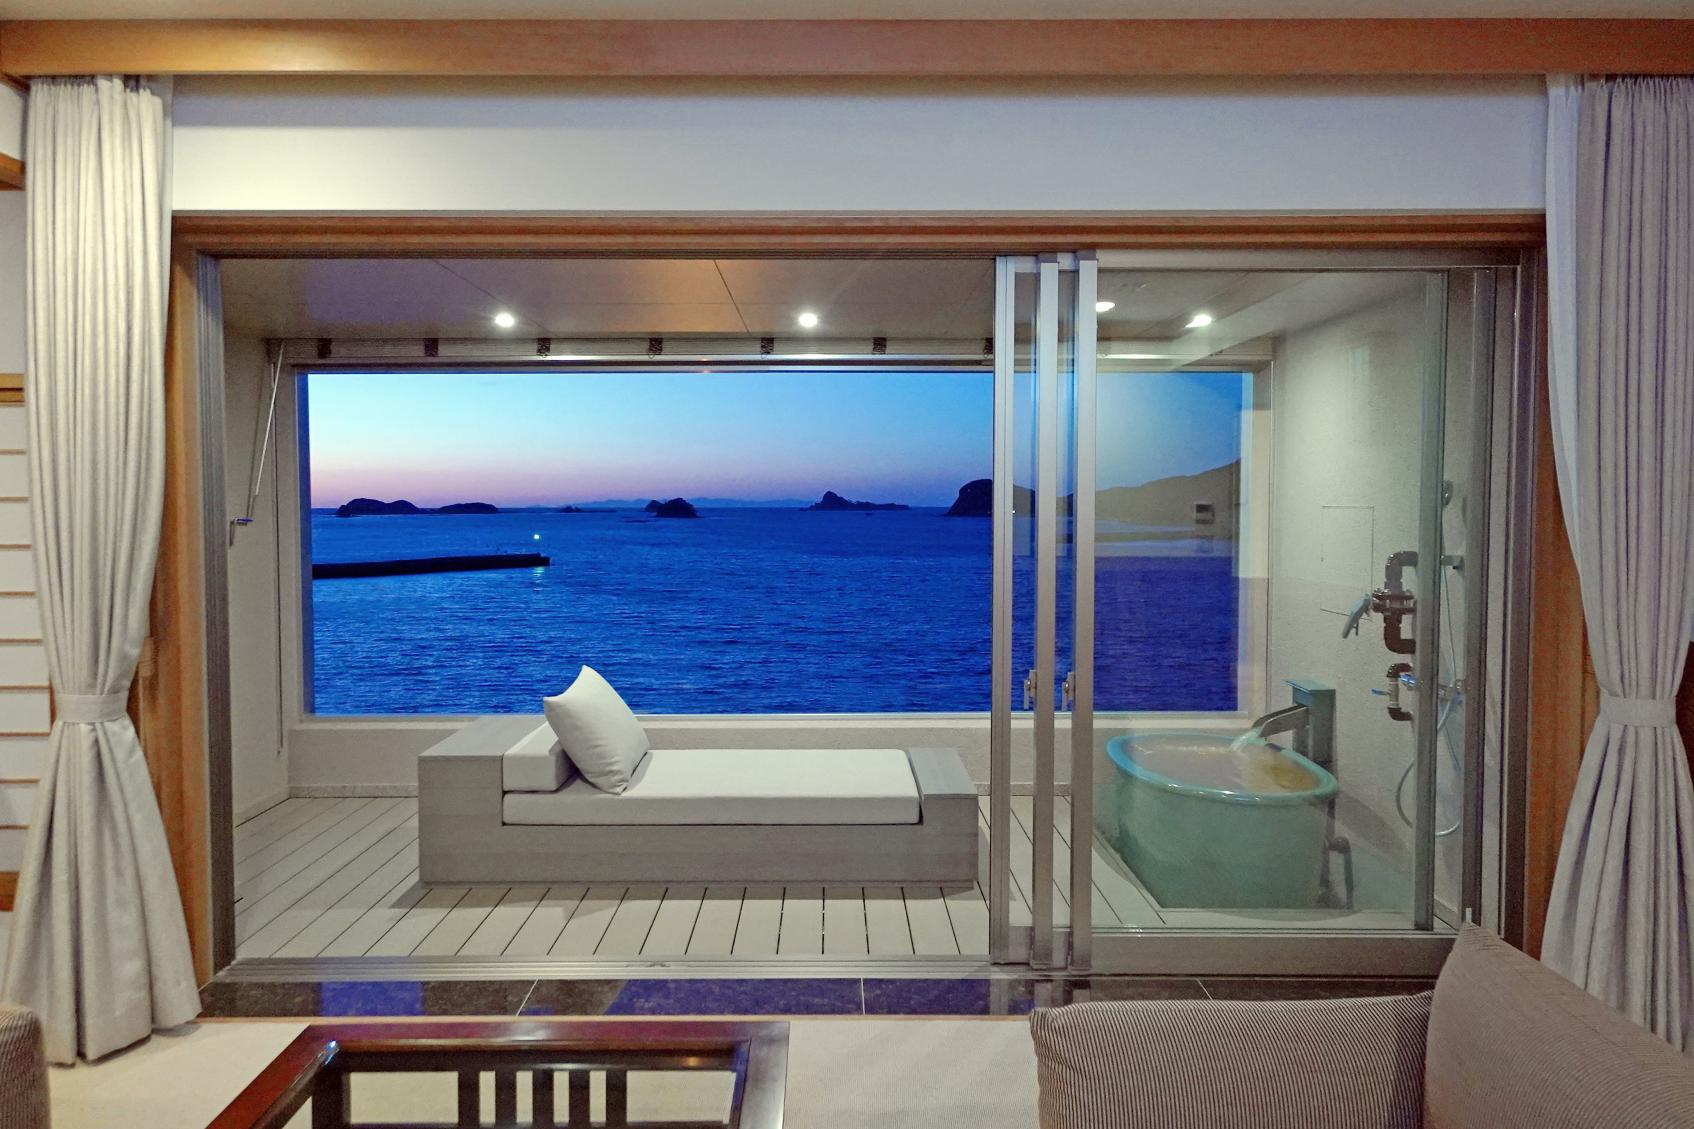 全室露天風呂付オーシャンビューの高級リゾートホテル 壱岐リトリート海里村上-2